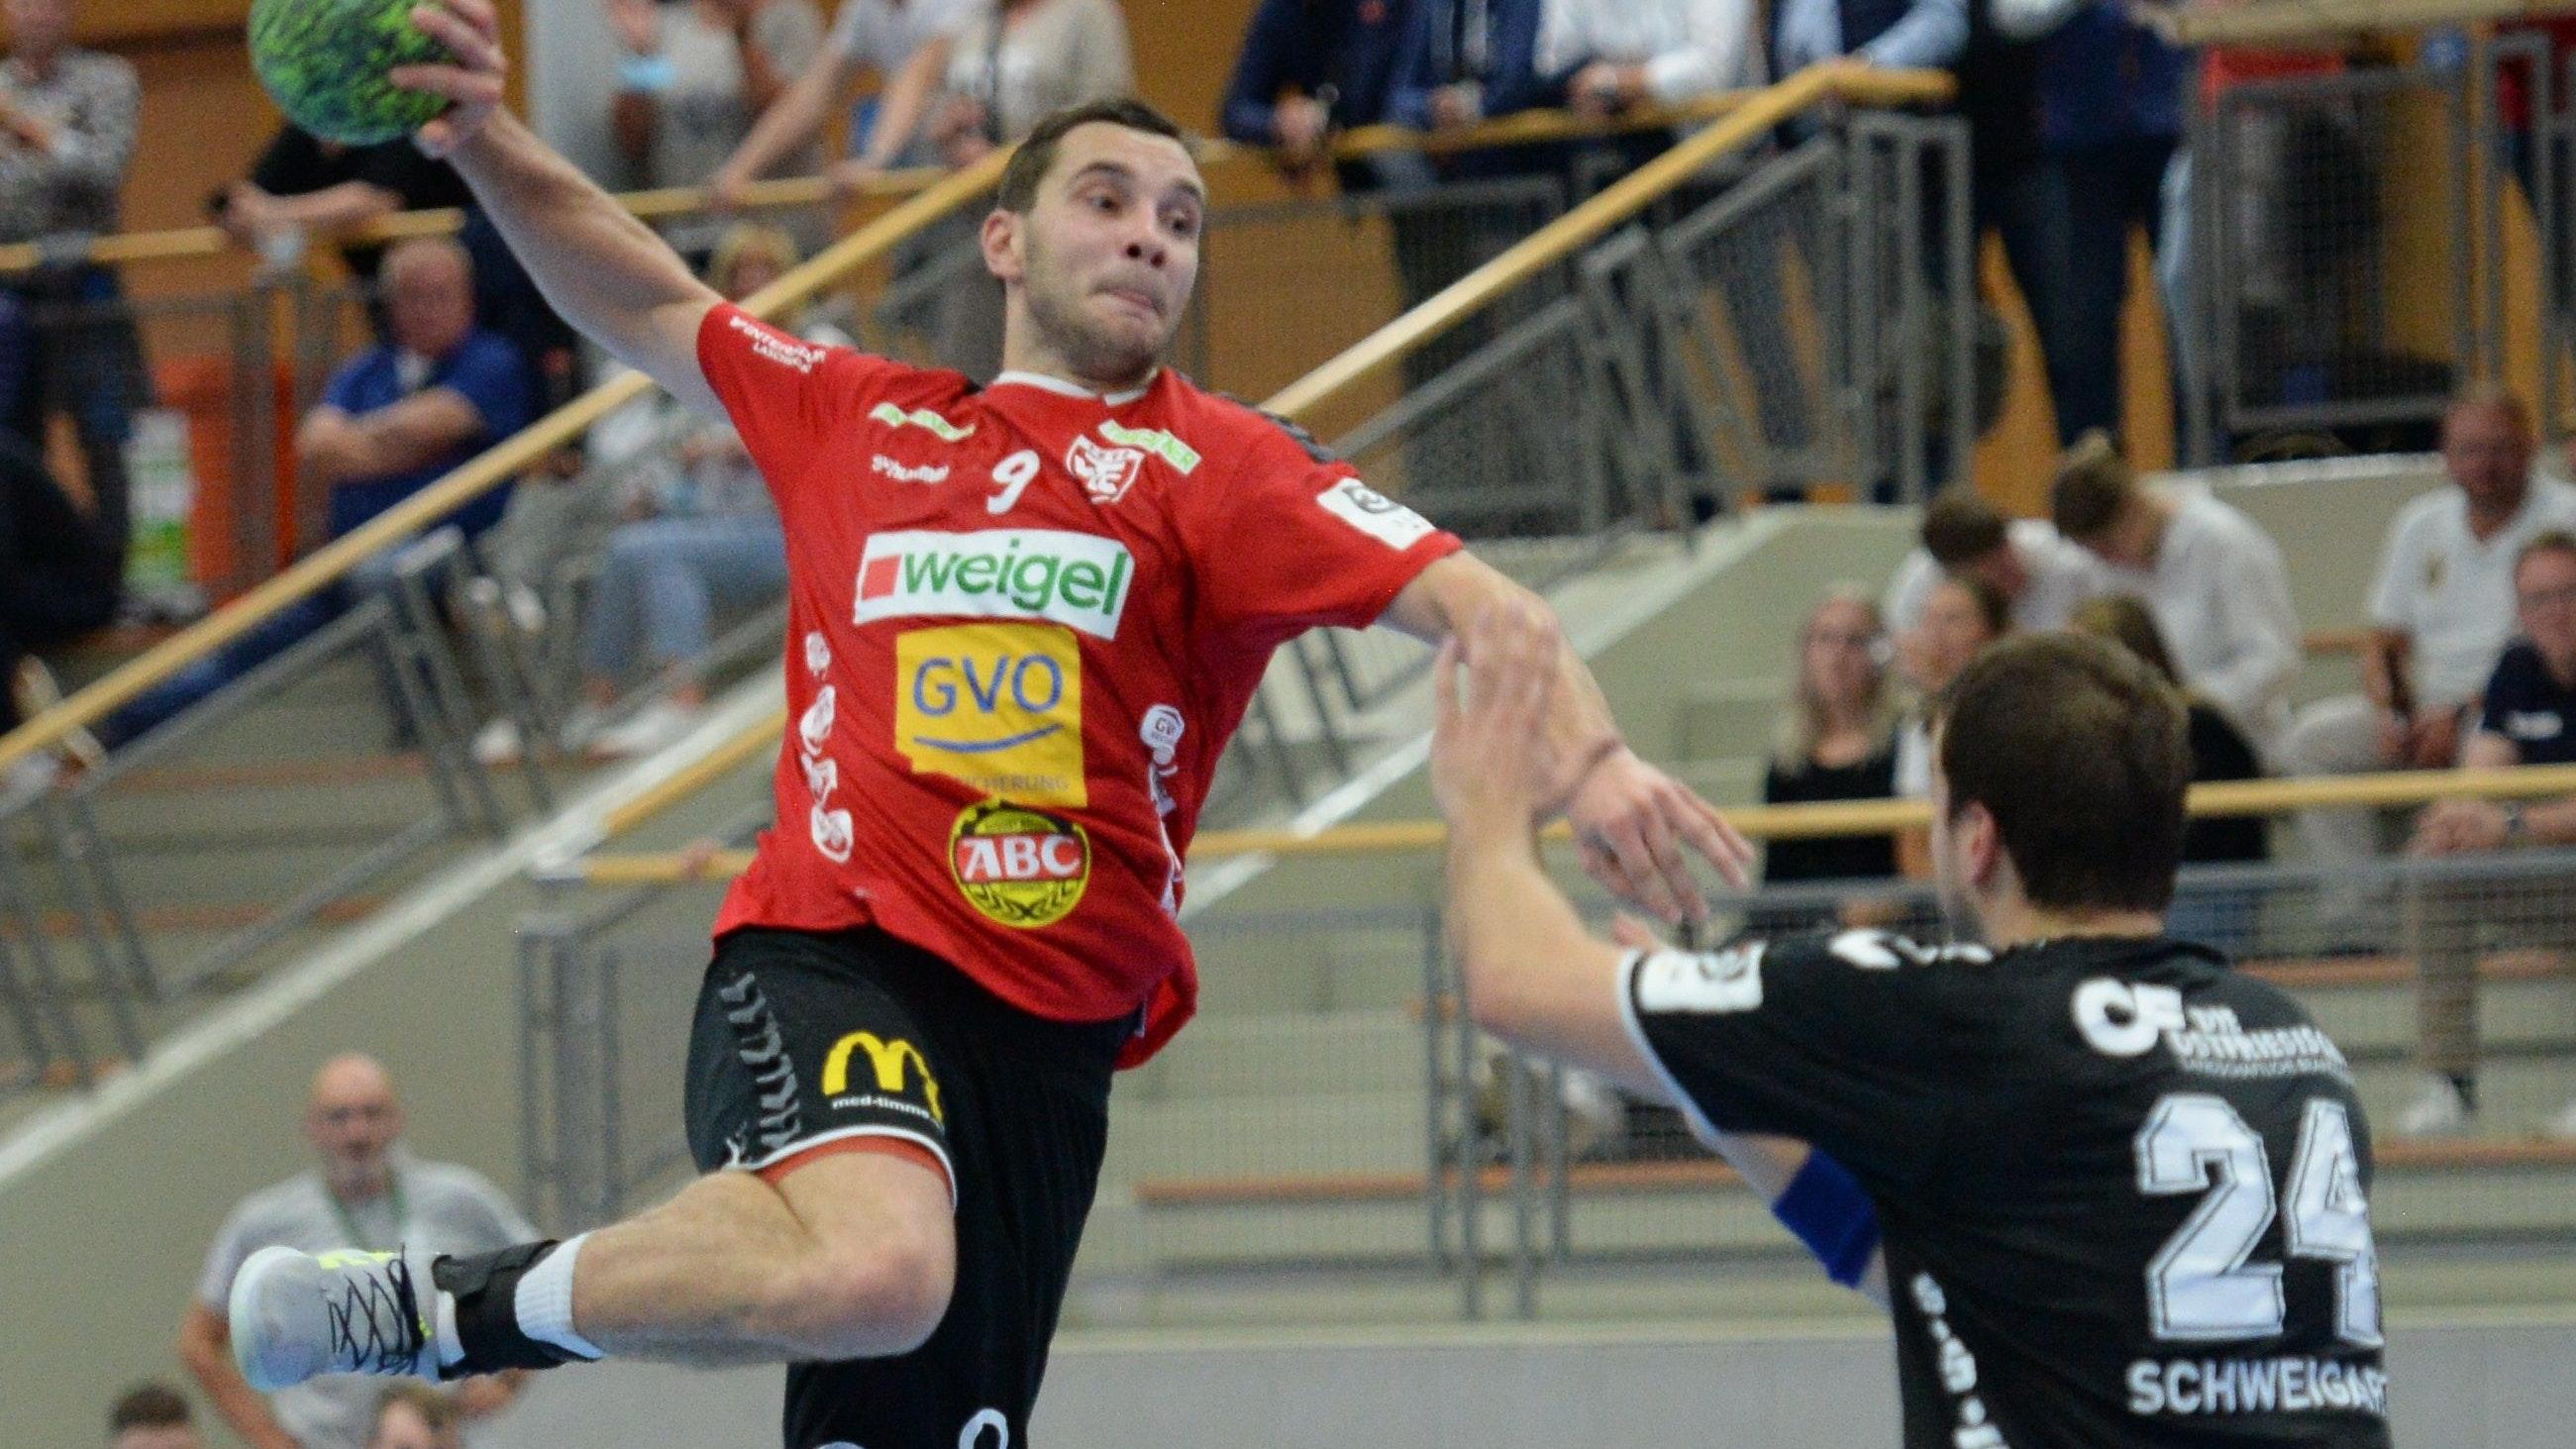 Gelingt der große Wurf? Krzysztof Pawlaczyk (links, im Spiel gegen Aurich) hofft, heute mit dem TV Cloppenburg die ersten Punkte der Saison zu holen. Foto: Langosch